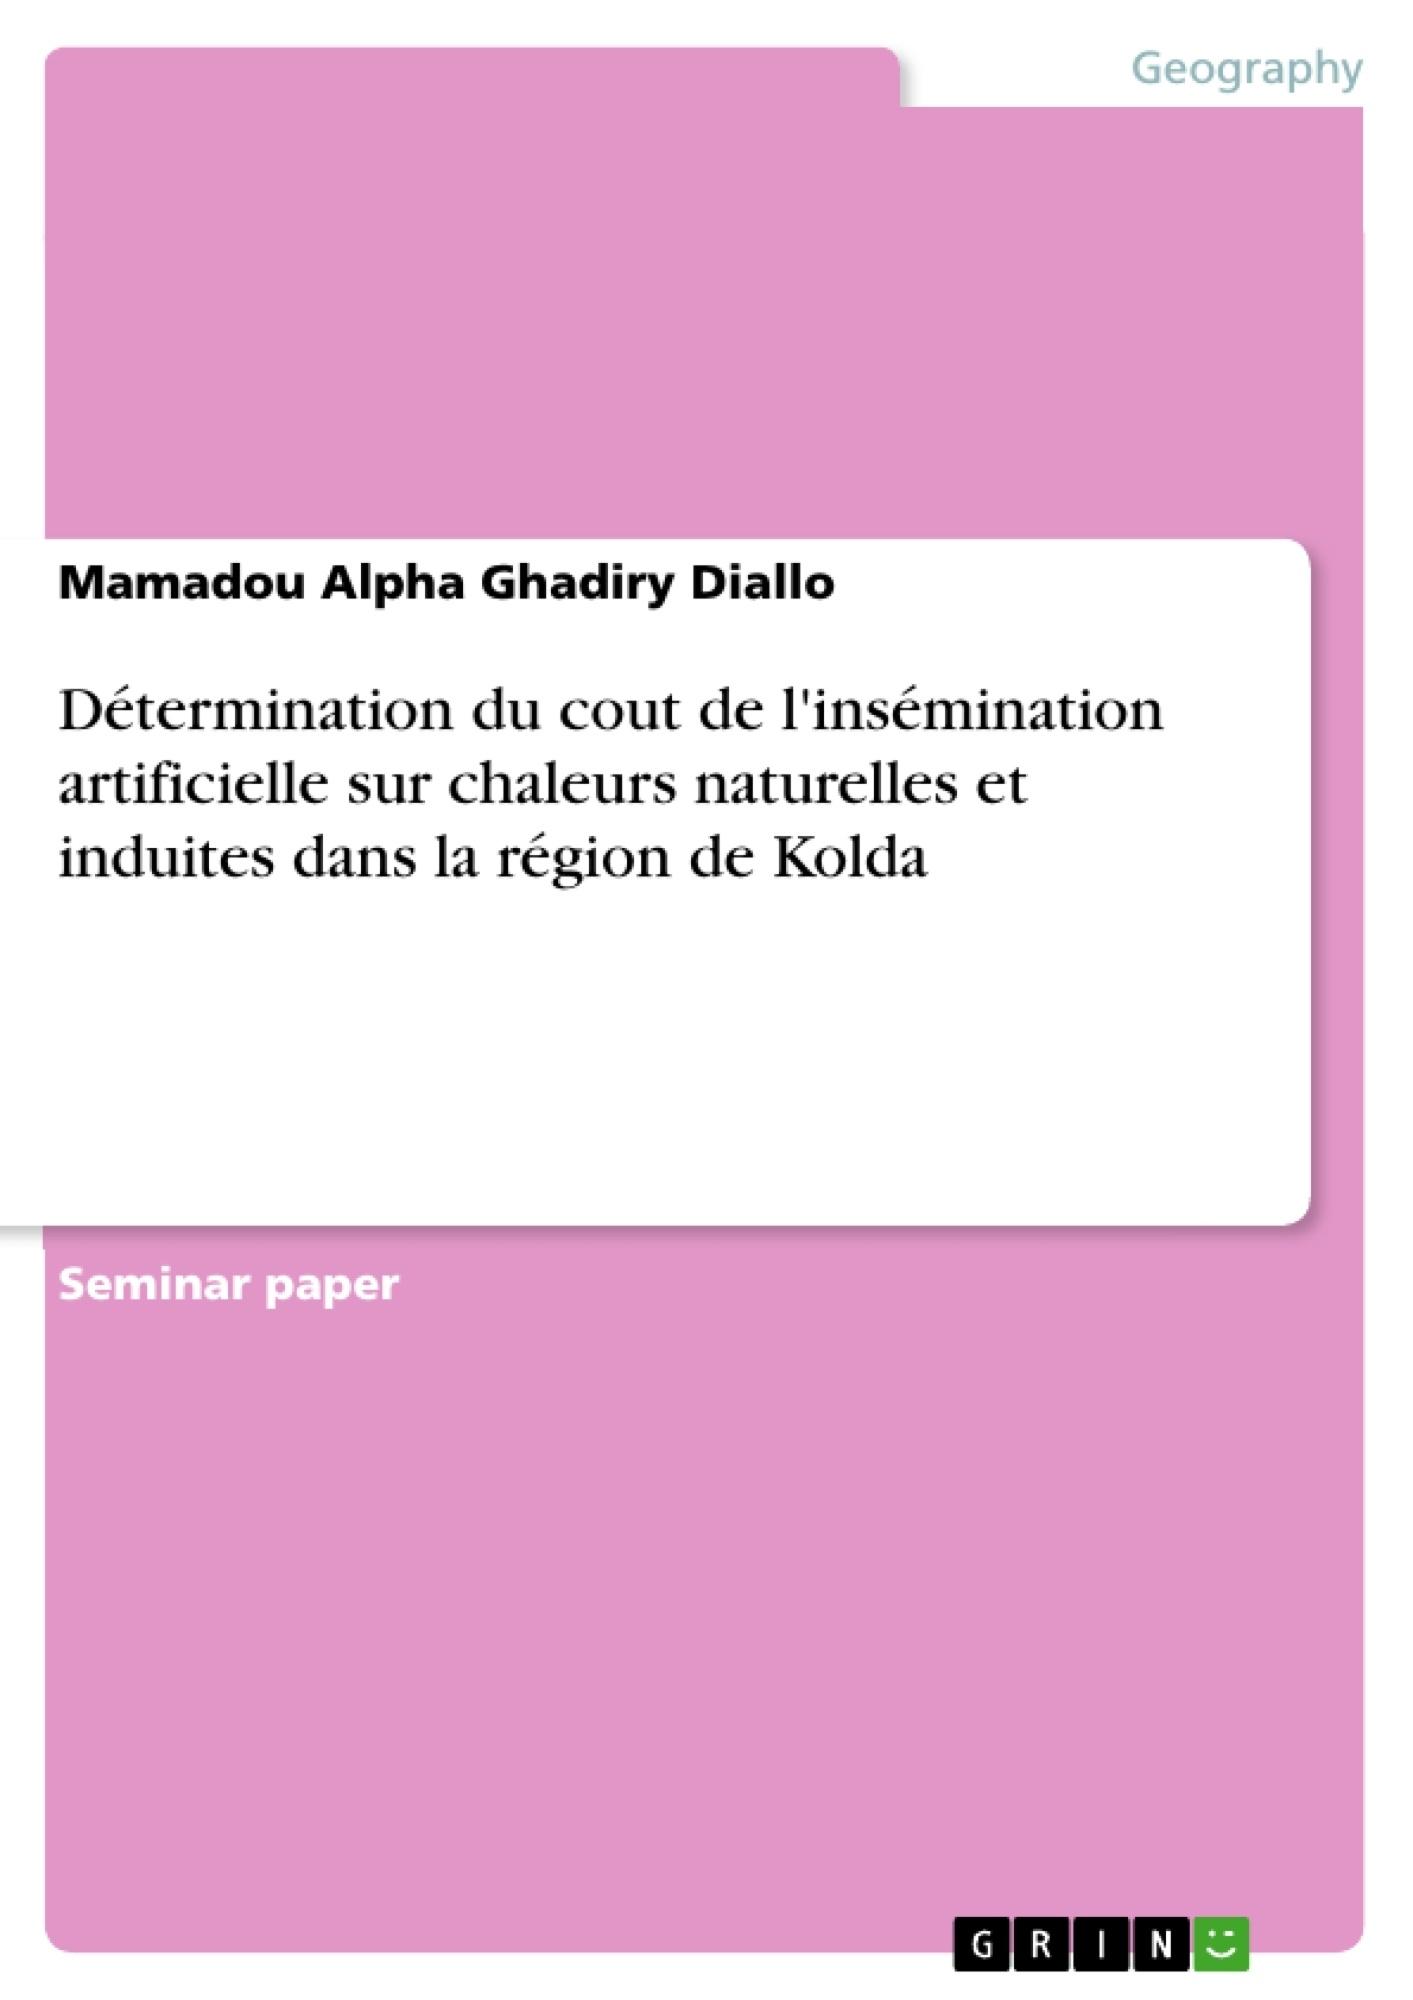 Titre: Détermination du cout de l'insémination artificielle sur chaleurs naturelles et induites dans la région de Kolda